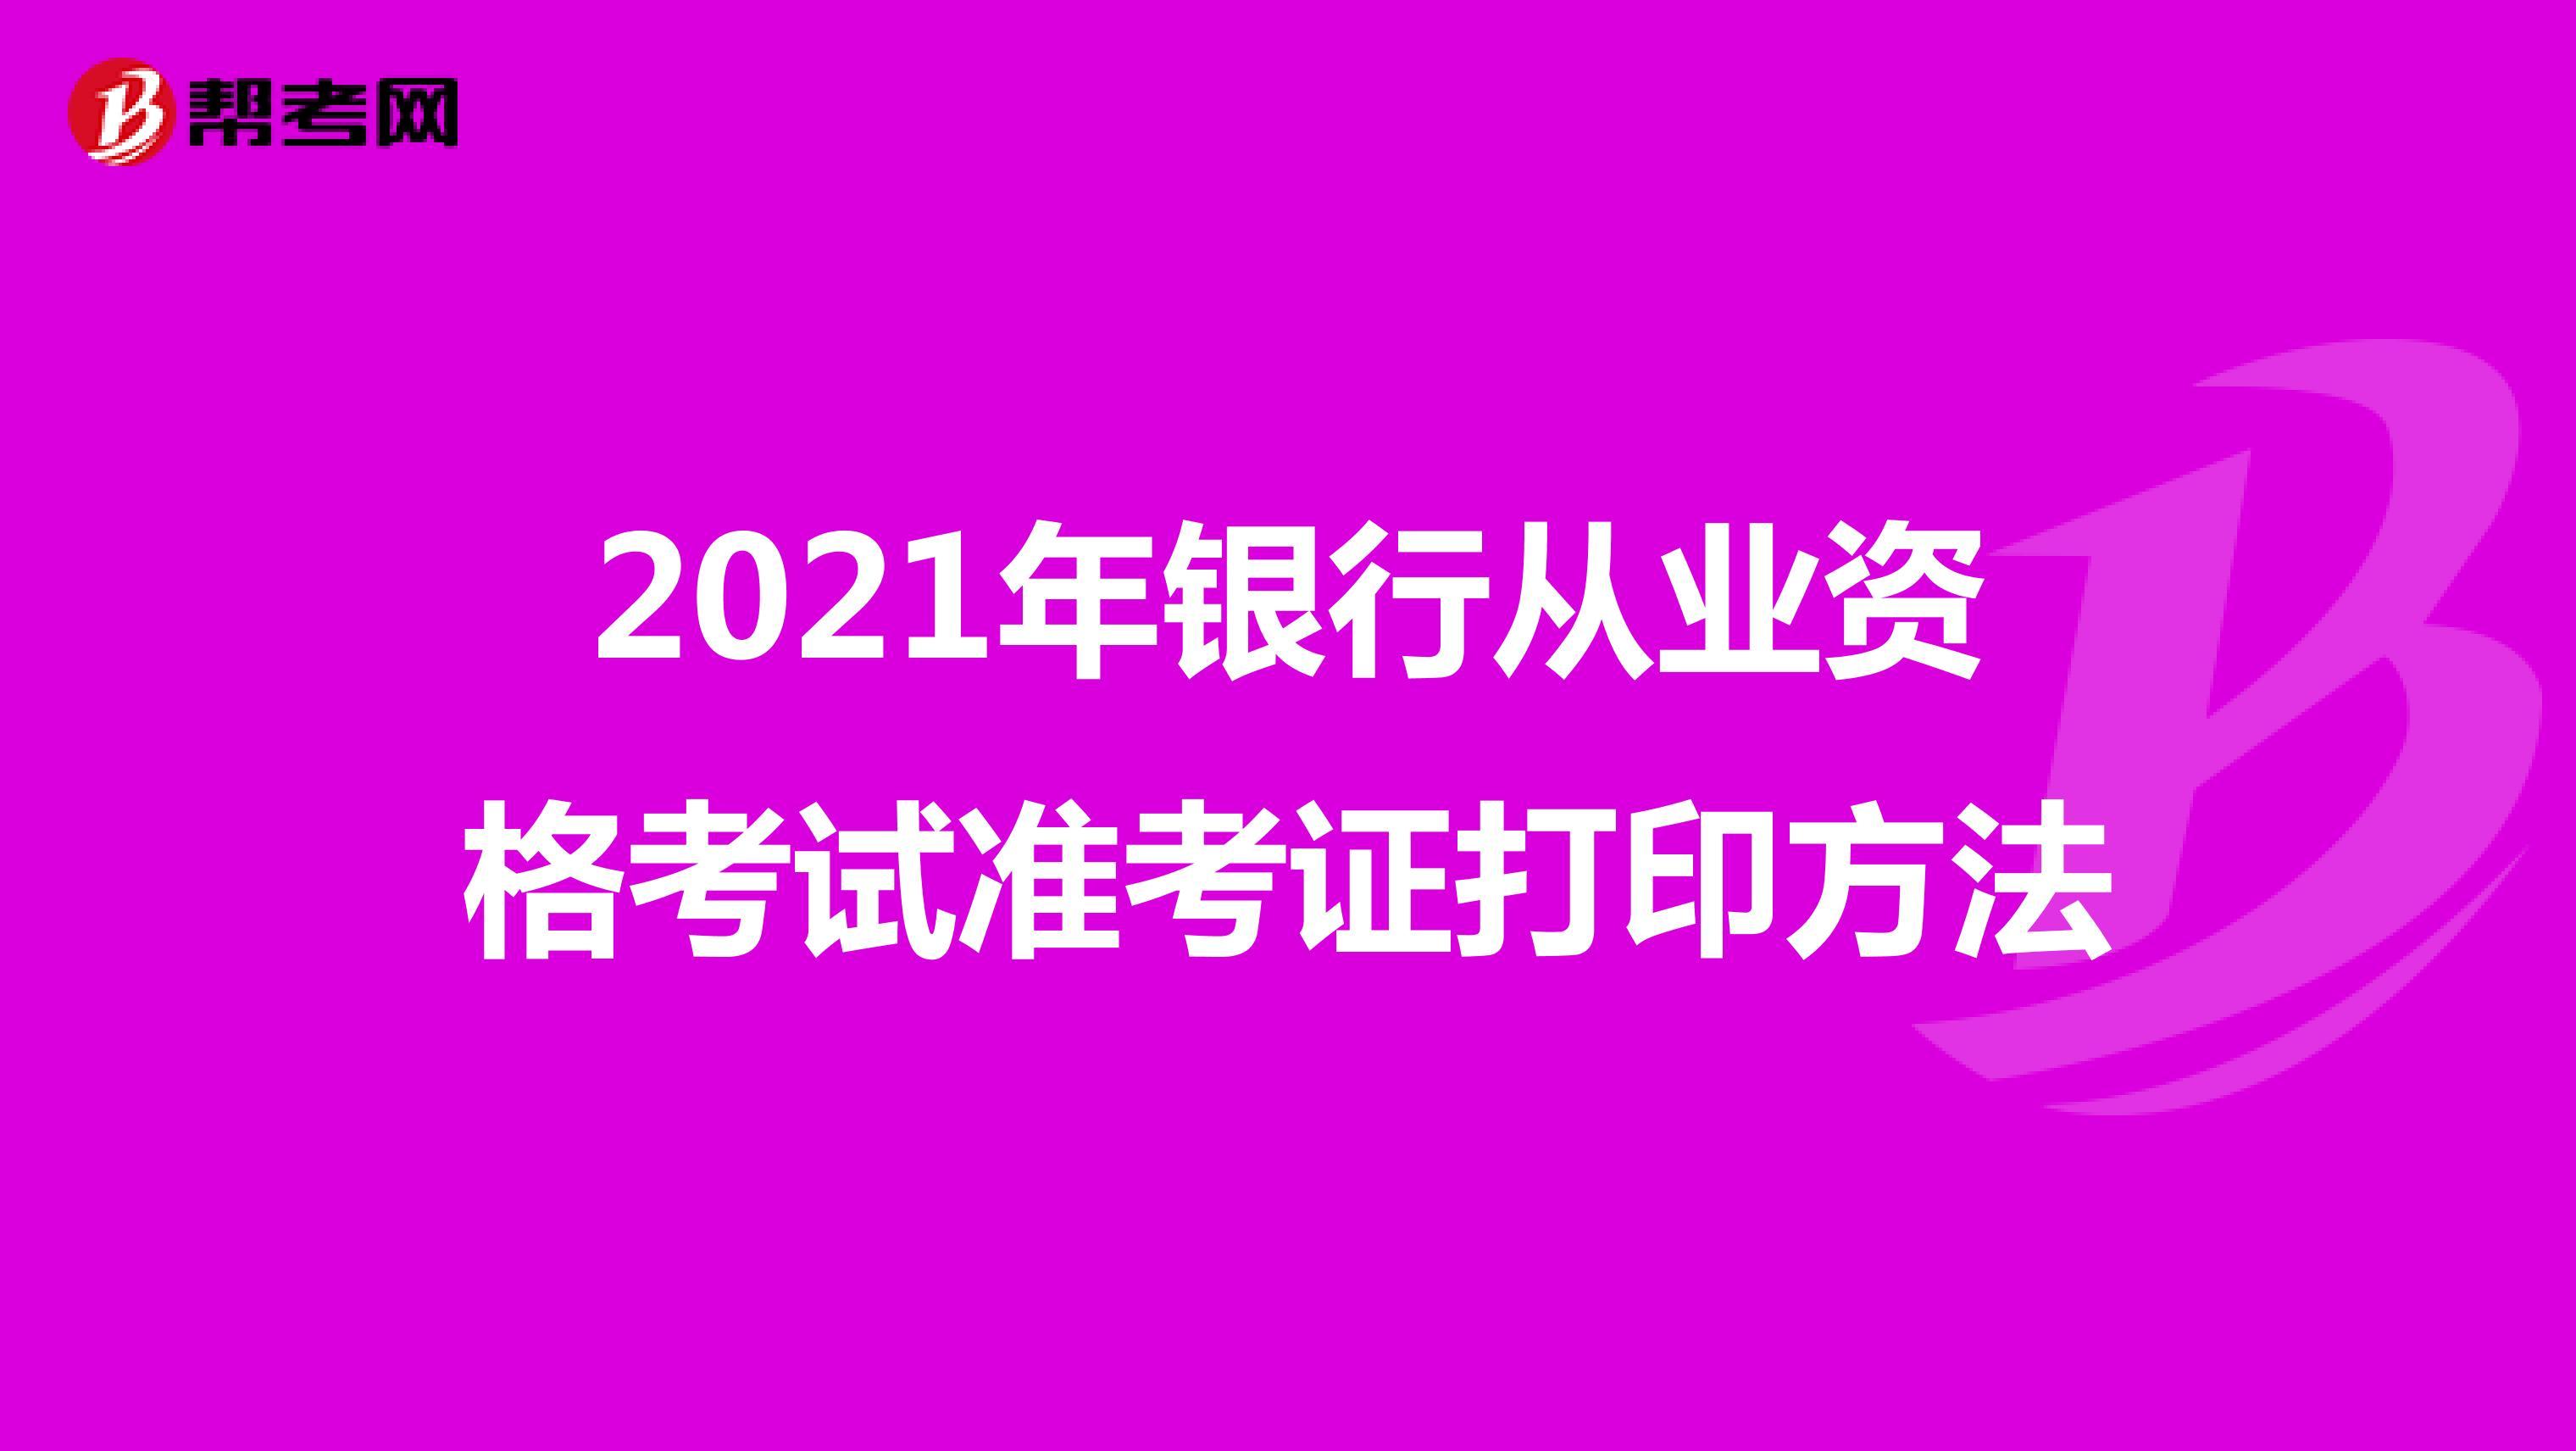 2021年银行从业资格考试准考证打印方法